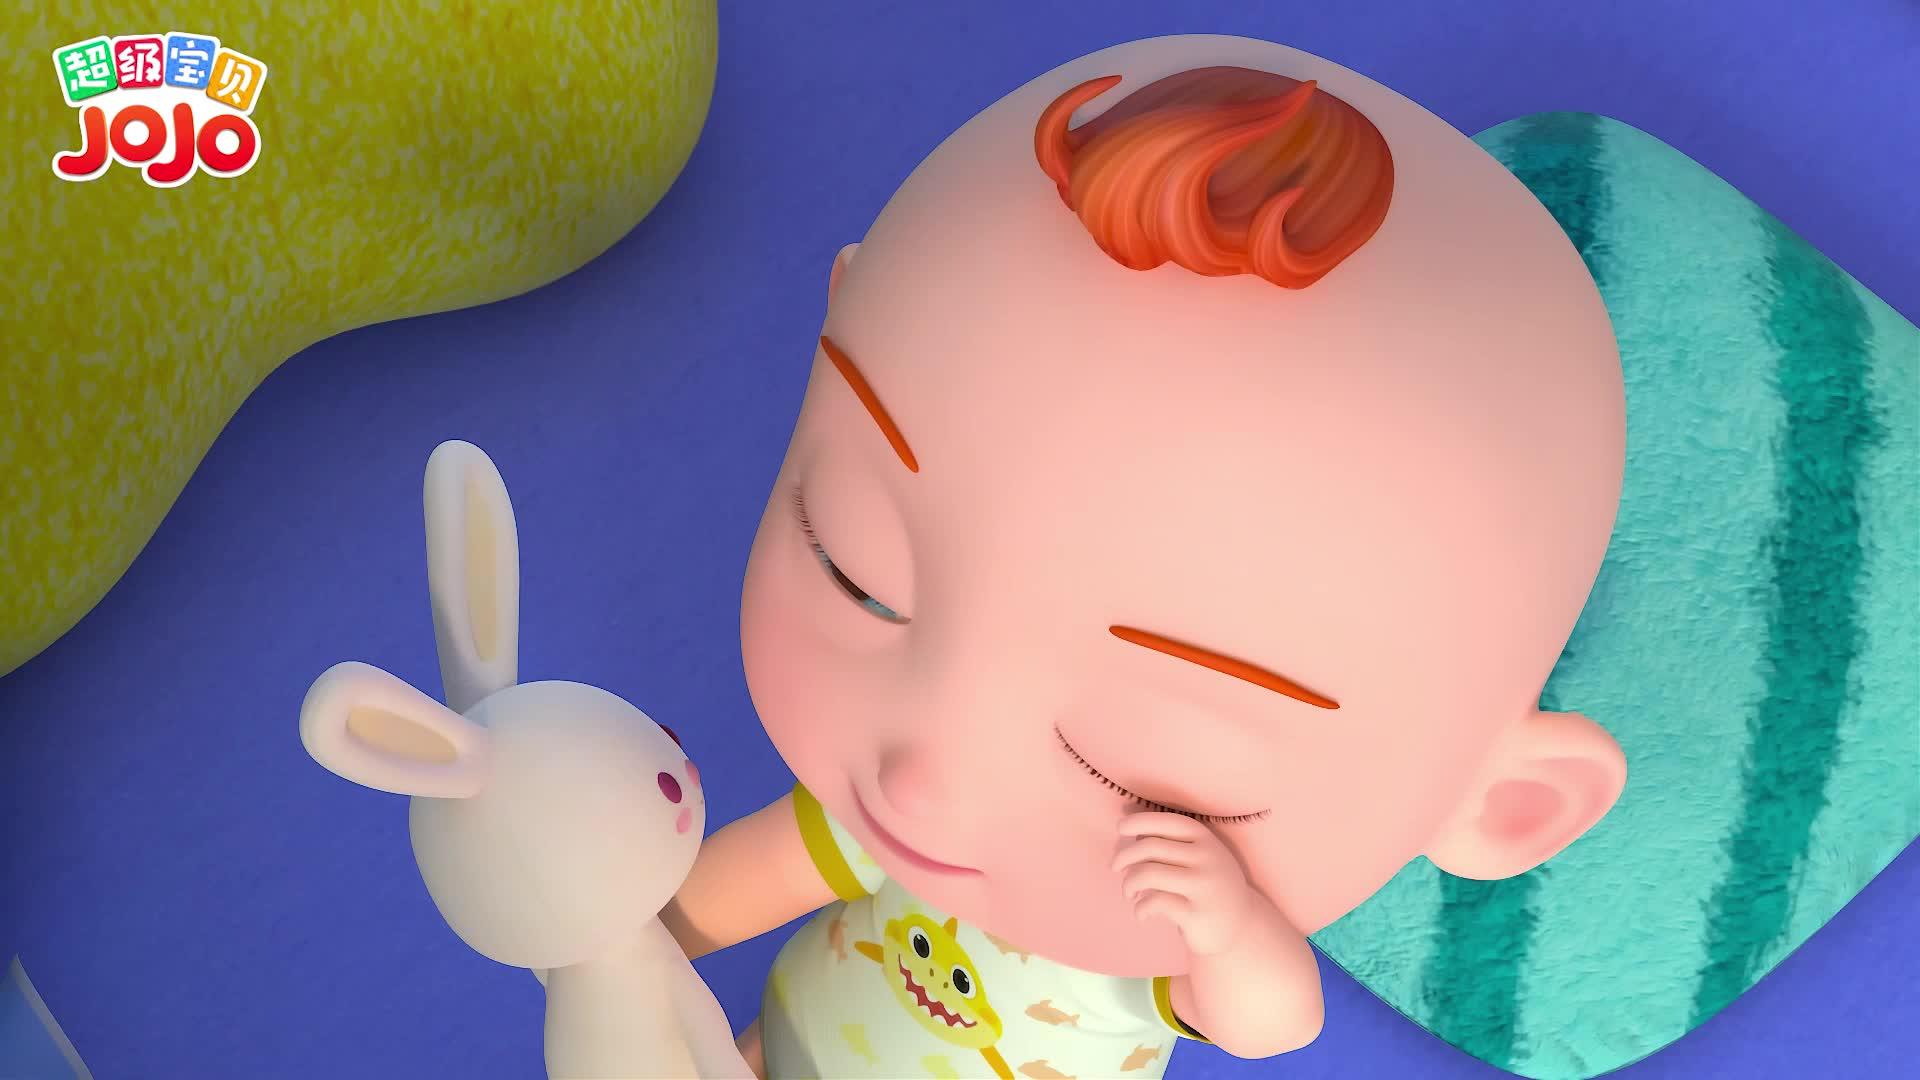 超级宝贝JOJO 第1集 早安!宝宝起床了